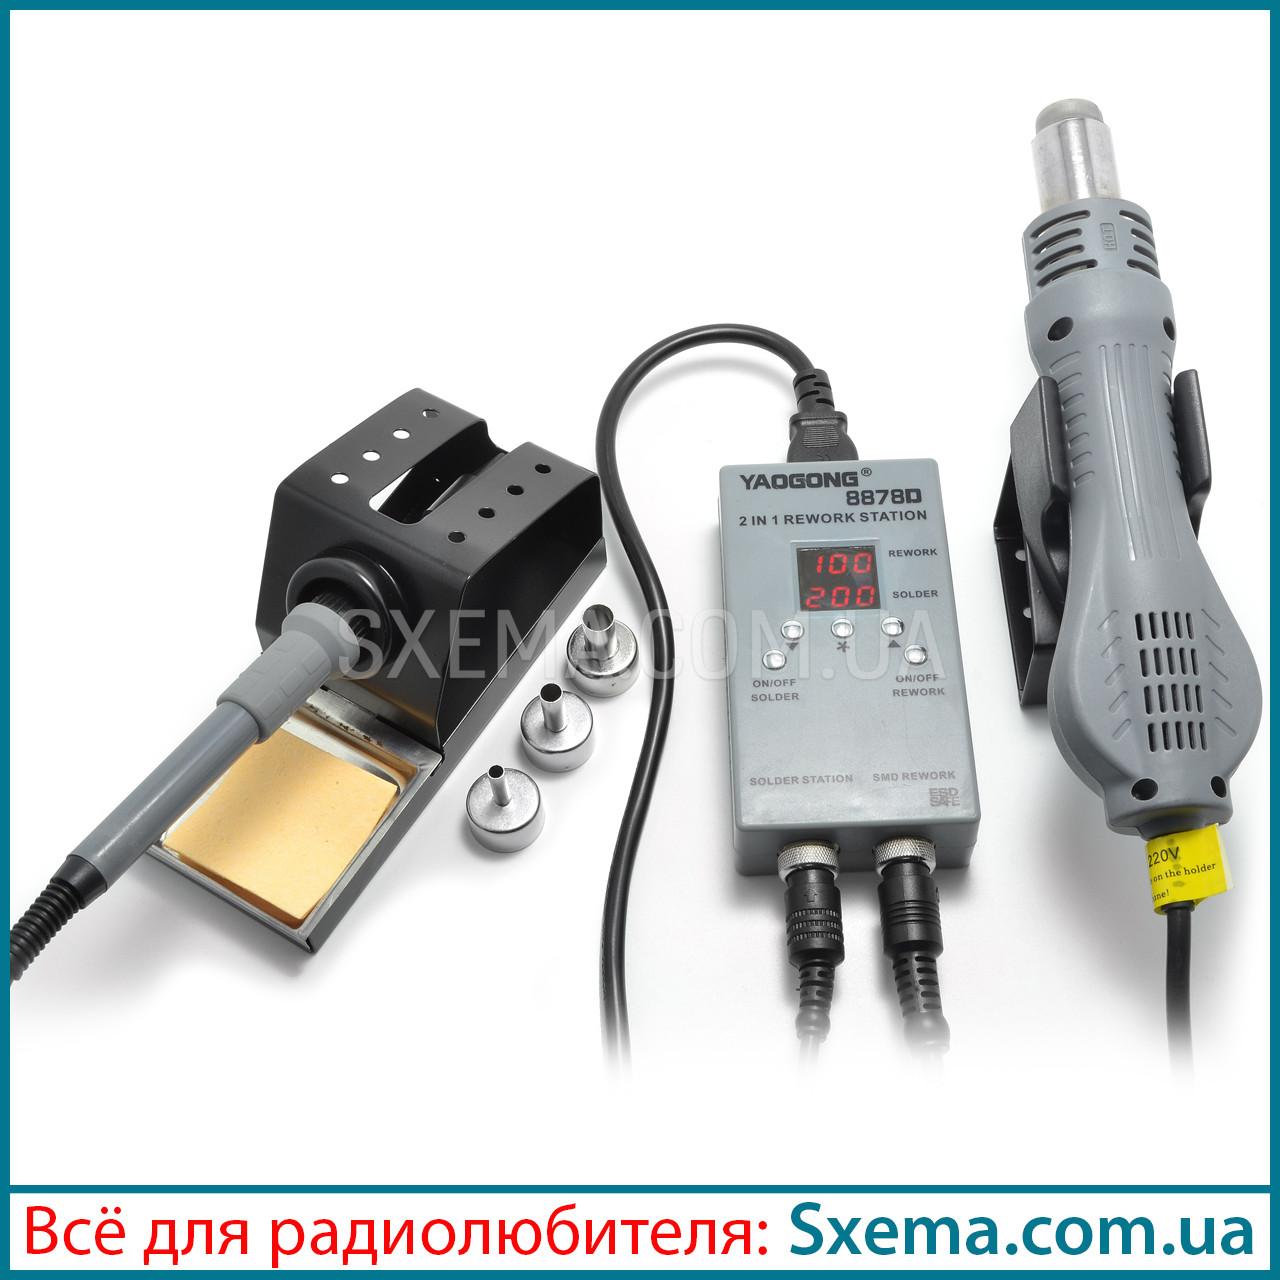 Паяльная станция Yaogong 8878D термофен + качественный паяльник, съемный фен, режим сна